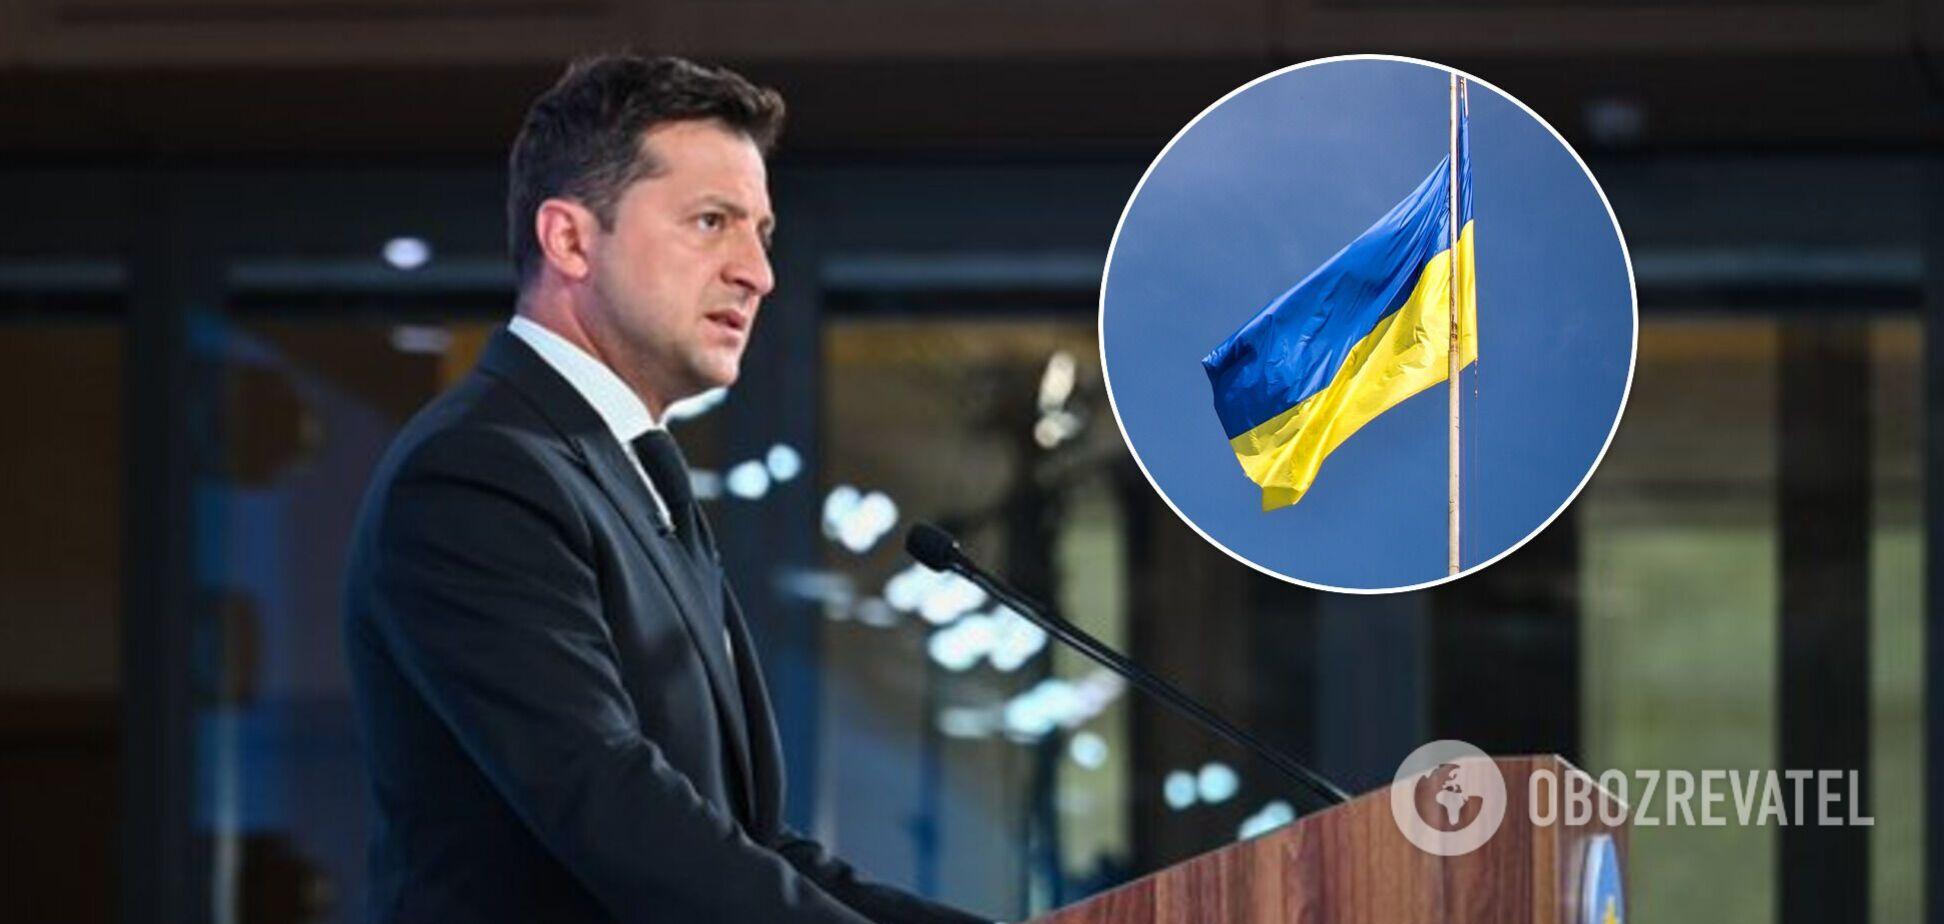 Зеленский представил План трансформации Украины стоимостью в $277 млрд